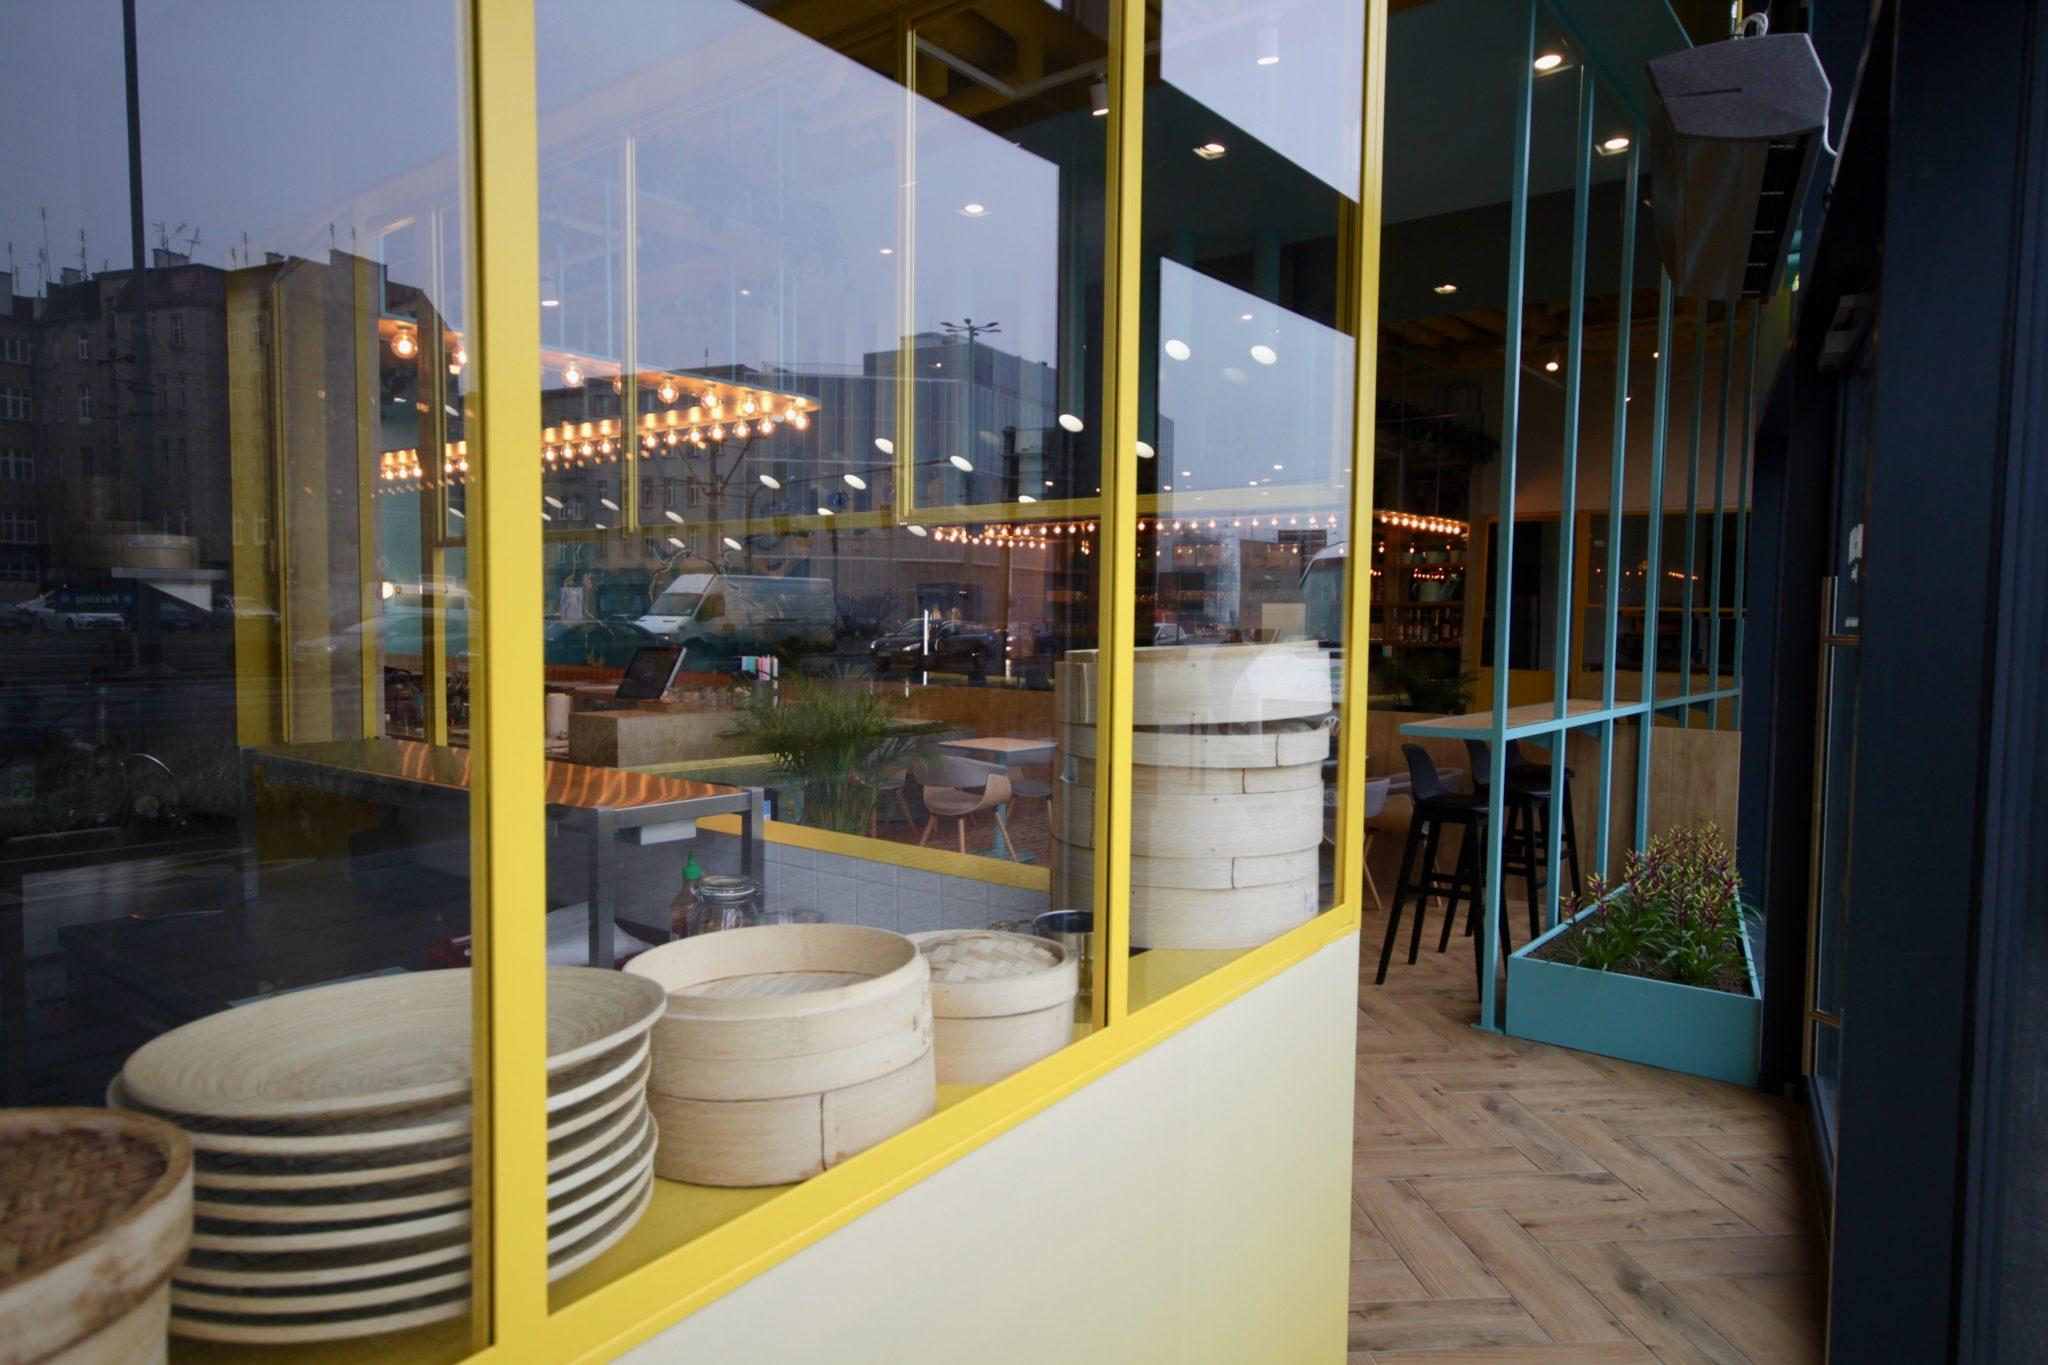 meble do restauracji , restaurant furniture, wyposażenie wnętrz komercyjnych, kompleksowe wyposażenie restauracji